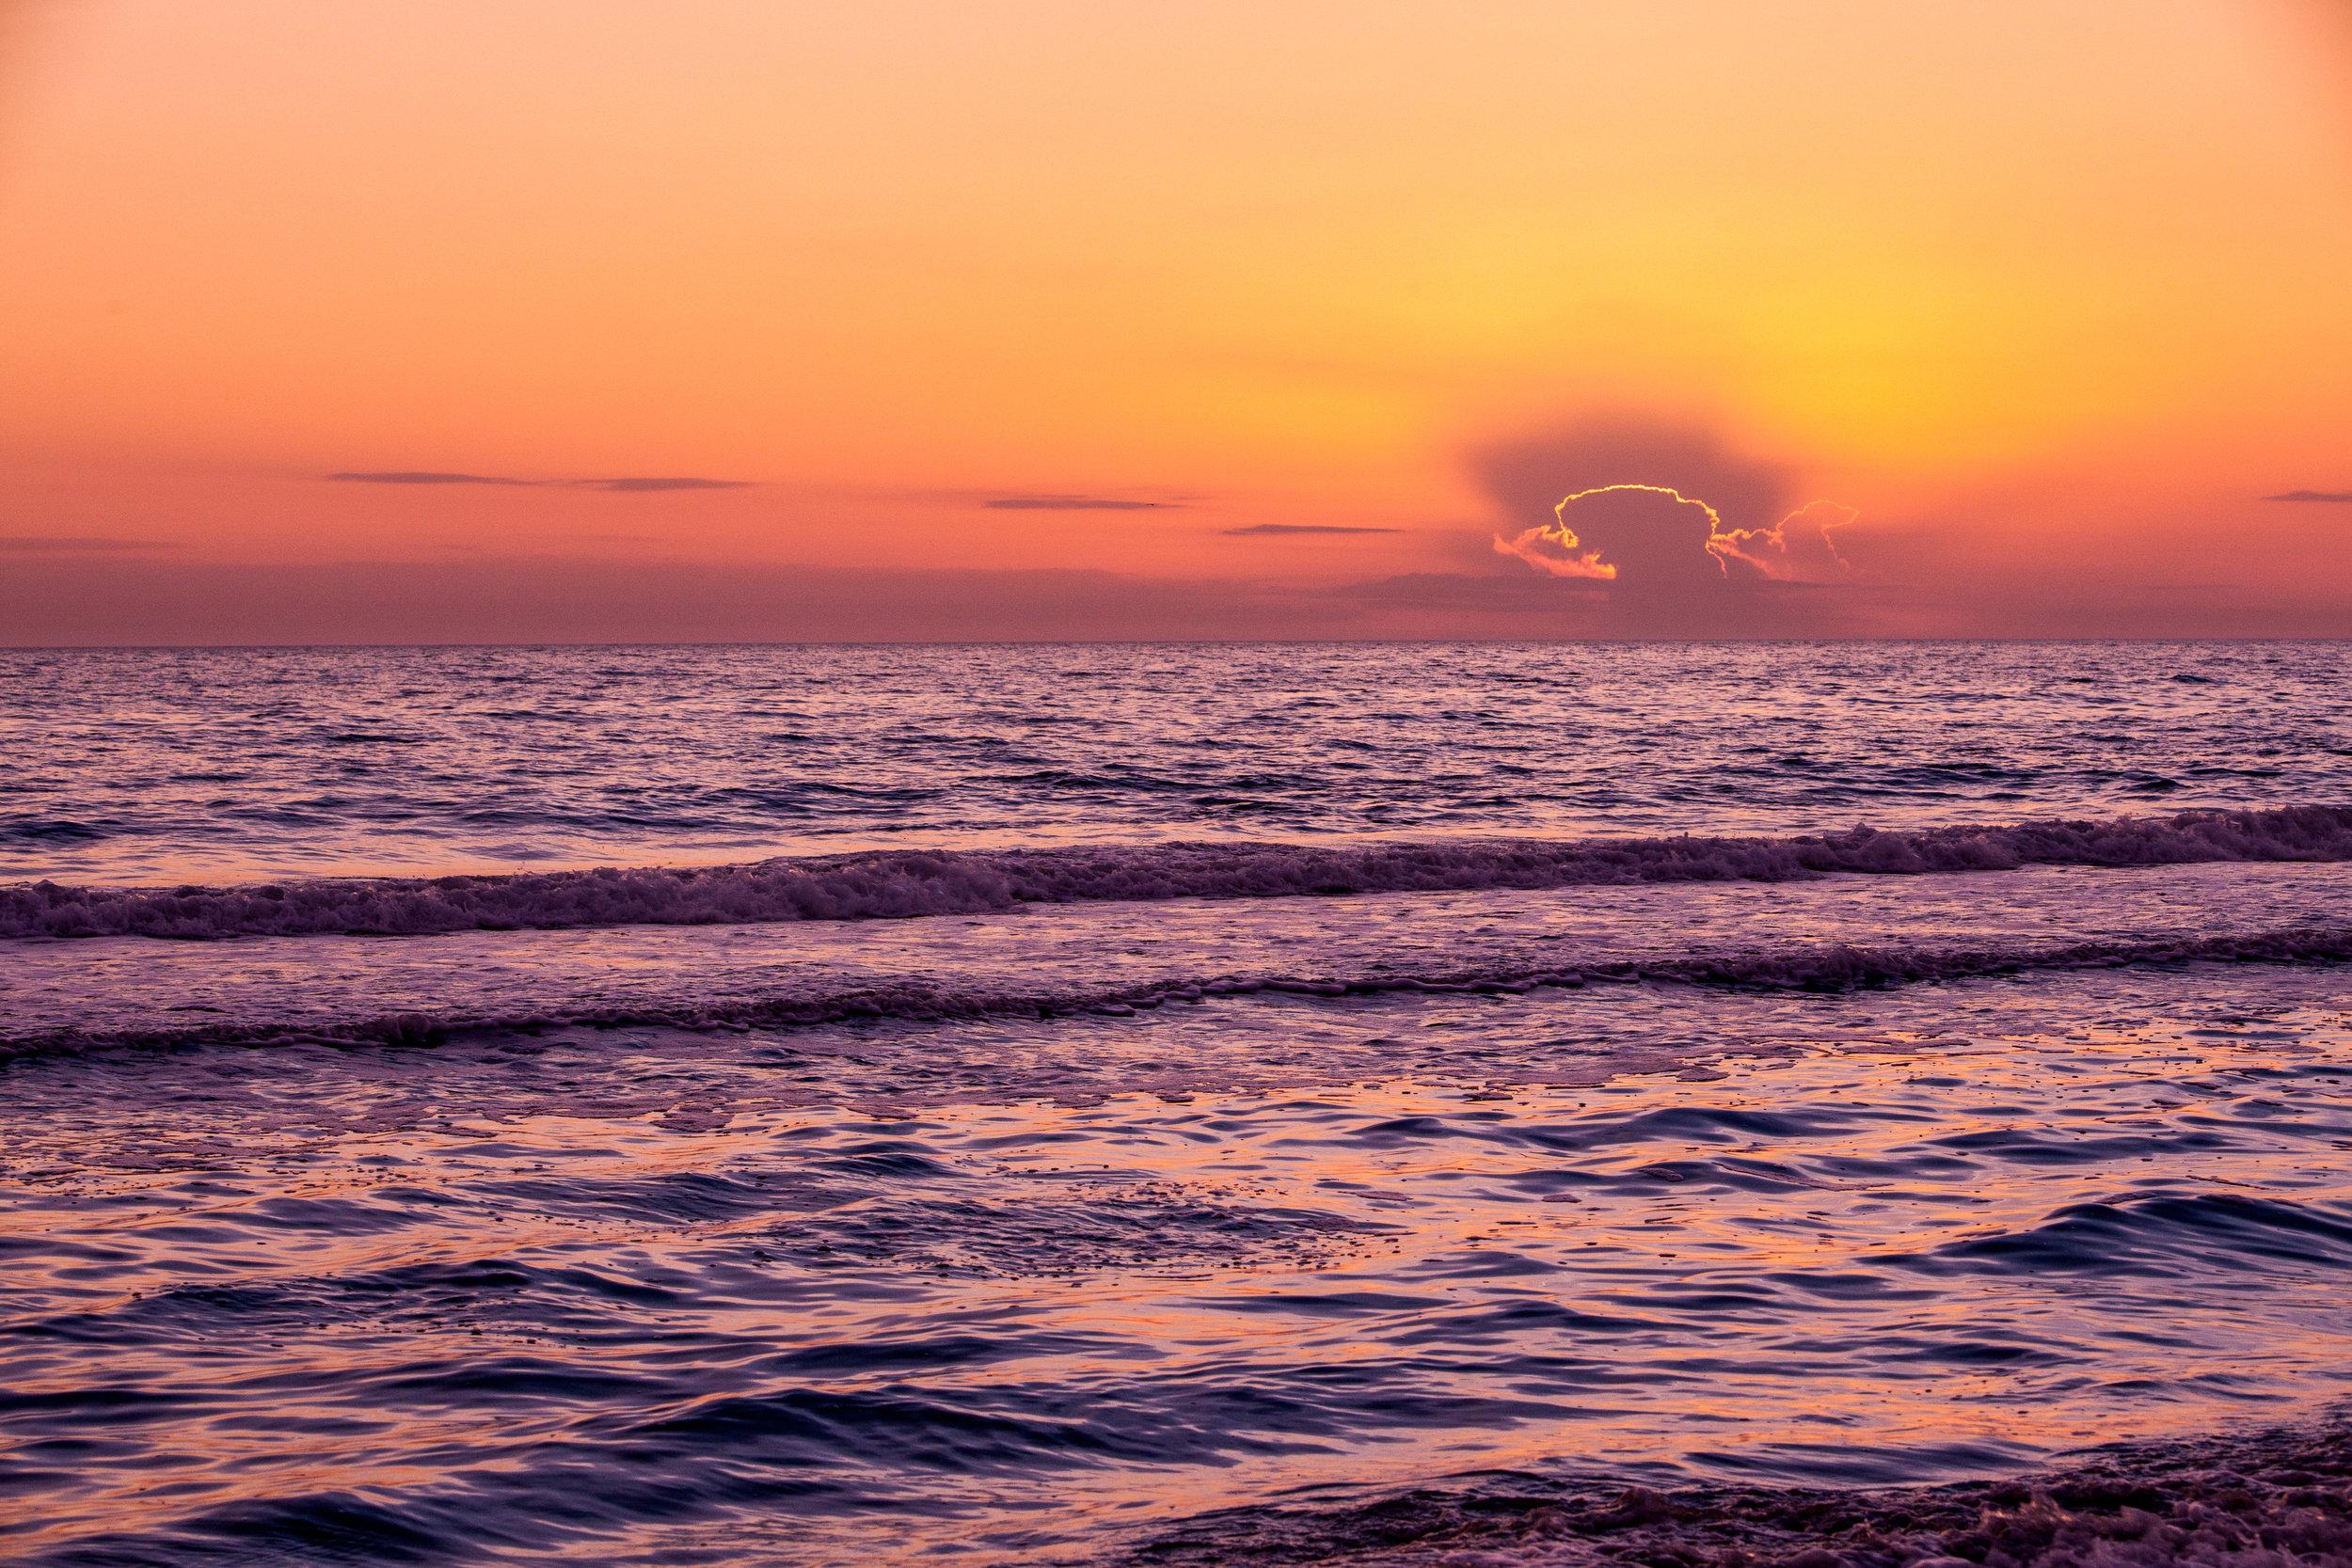 one_more_night-ocean-1303-9072-smugmug.jpg